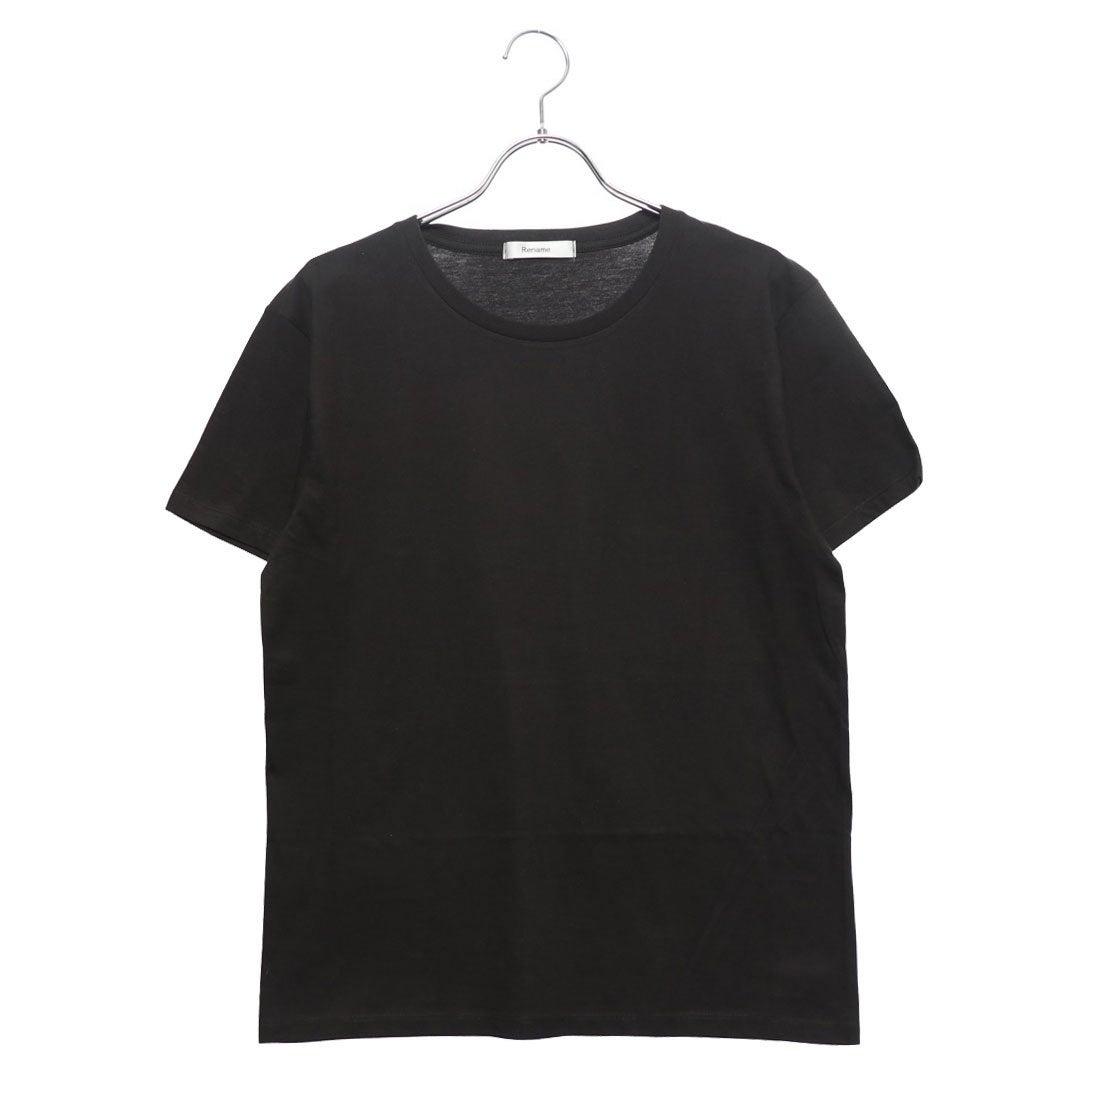 ロコンド 靴とファッションの通販サイトリネーム Rename クルーネックTシャツ (ブラック)